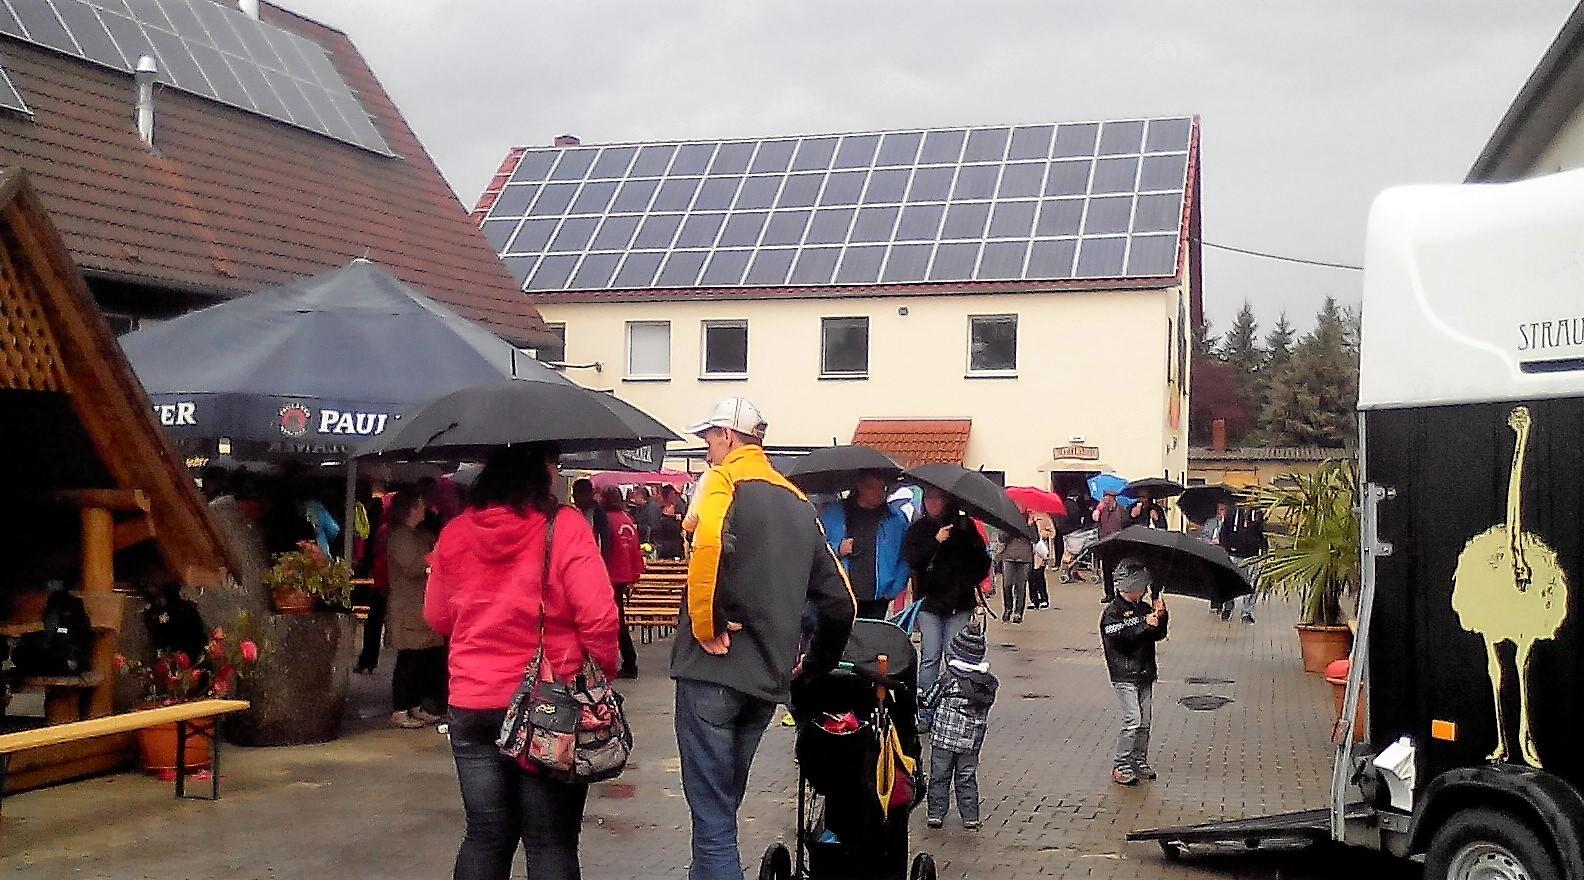 Trotz anfänglichem Sauwetter kamen die Leute